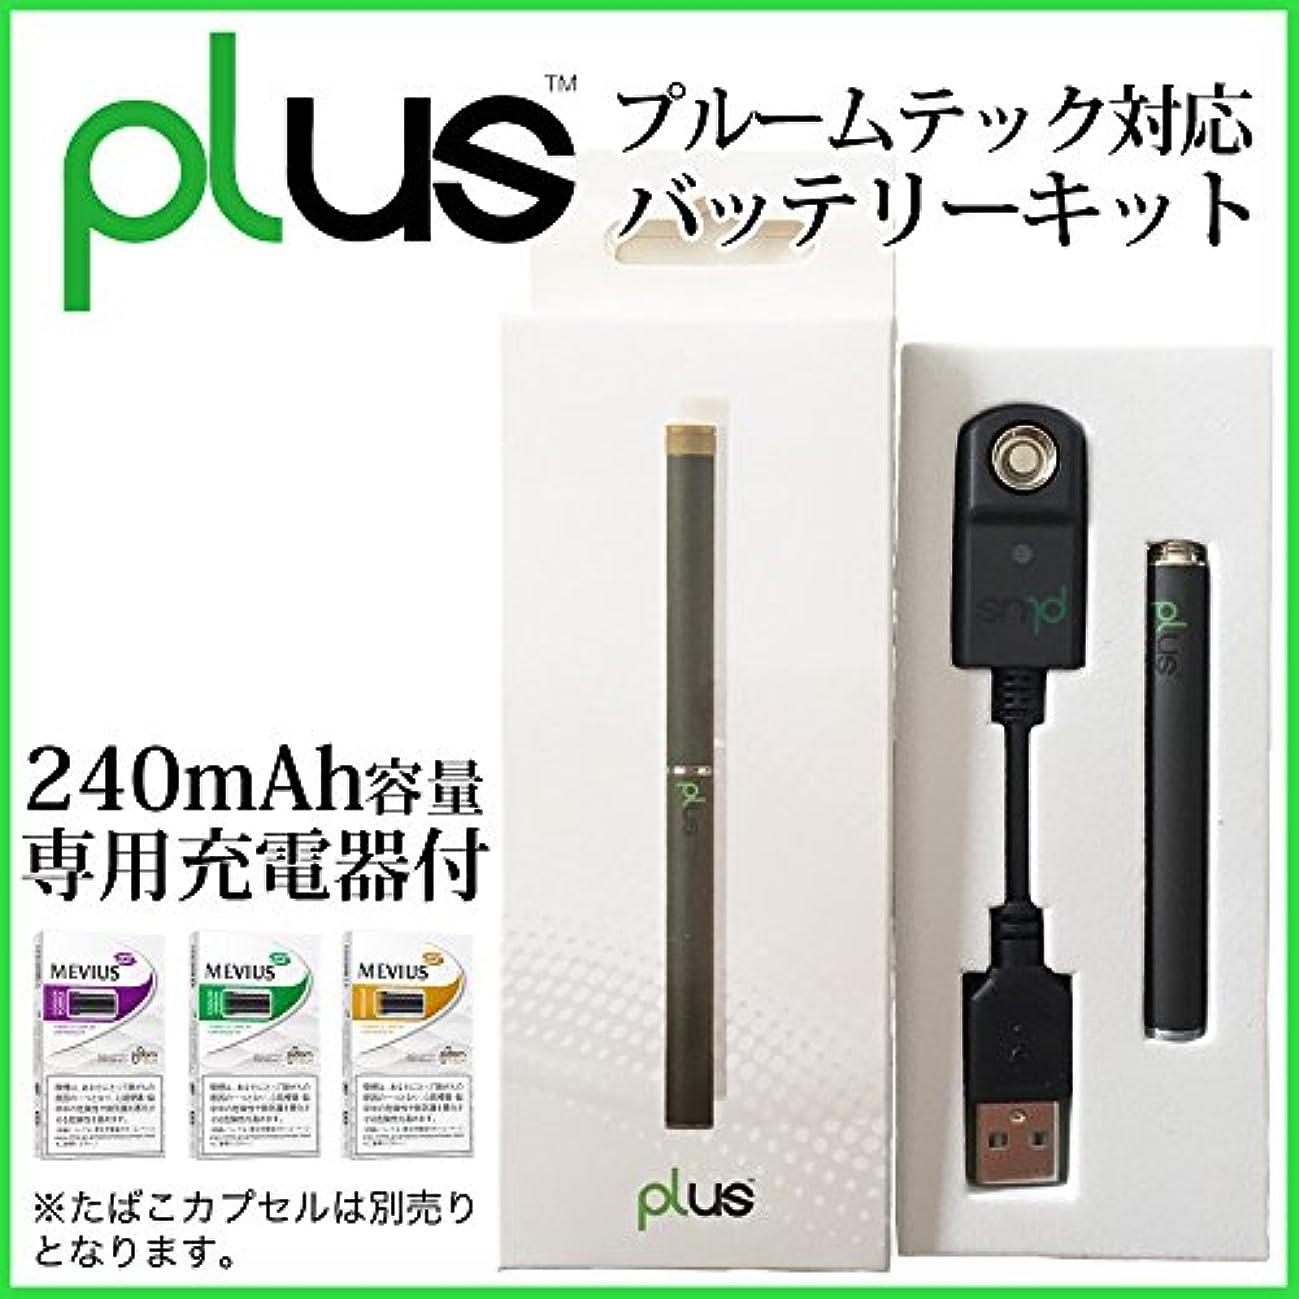 有名人毎年曖昧なplus(プラス) スターターキット ploom TECH (プルームテック)互換 240mAhバッテリー USB専用充電器付き 日本電子タバコ協会公認